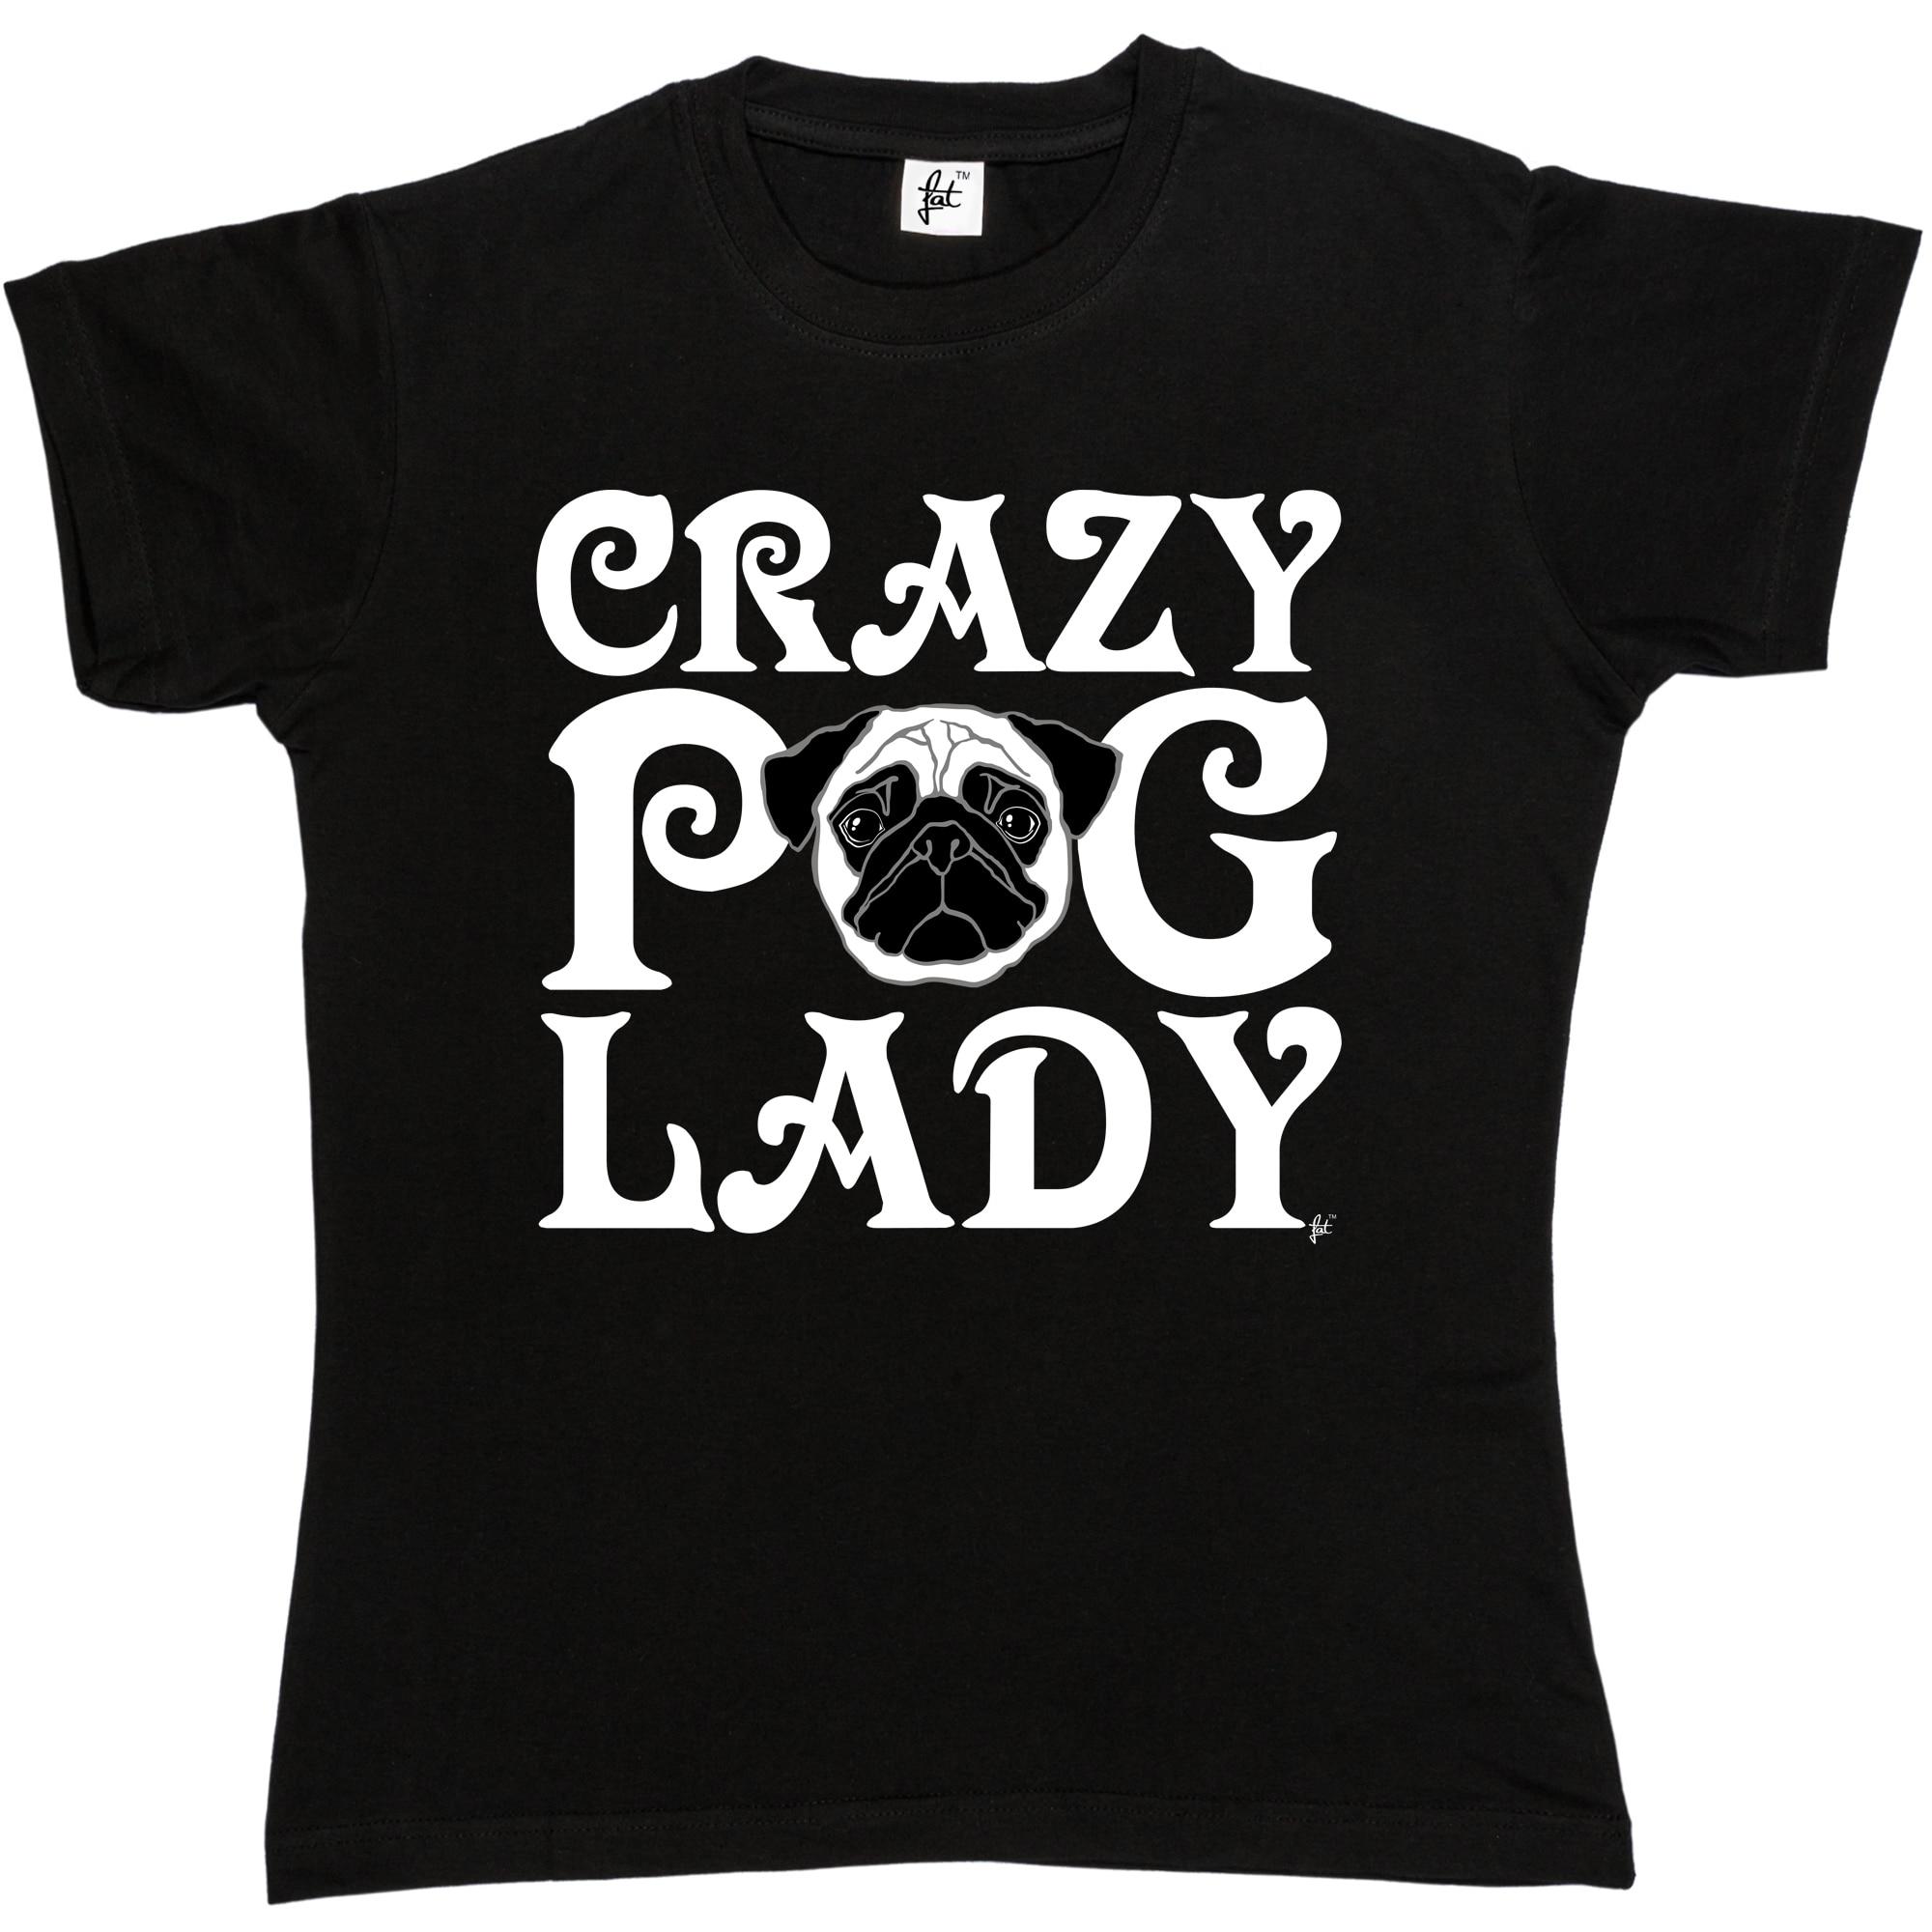 Desain t shirt unik - Gila Woof Cinta Pugs Pug Wanita Womens T Shirt Mode Cotton Merek Top Tops Unik Desain T Shirt Lucu Katun Streetwear